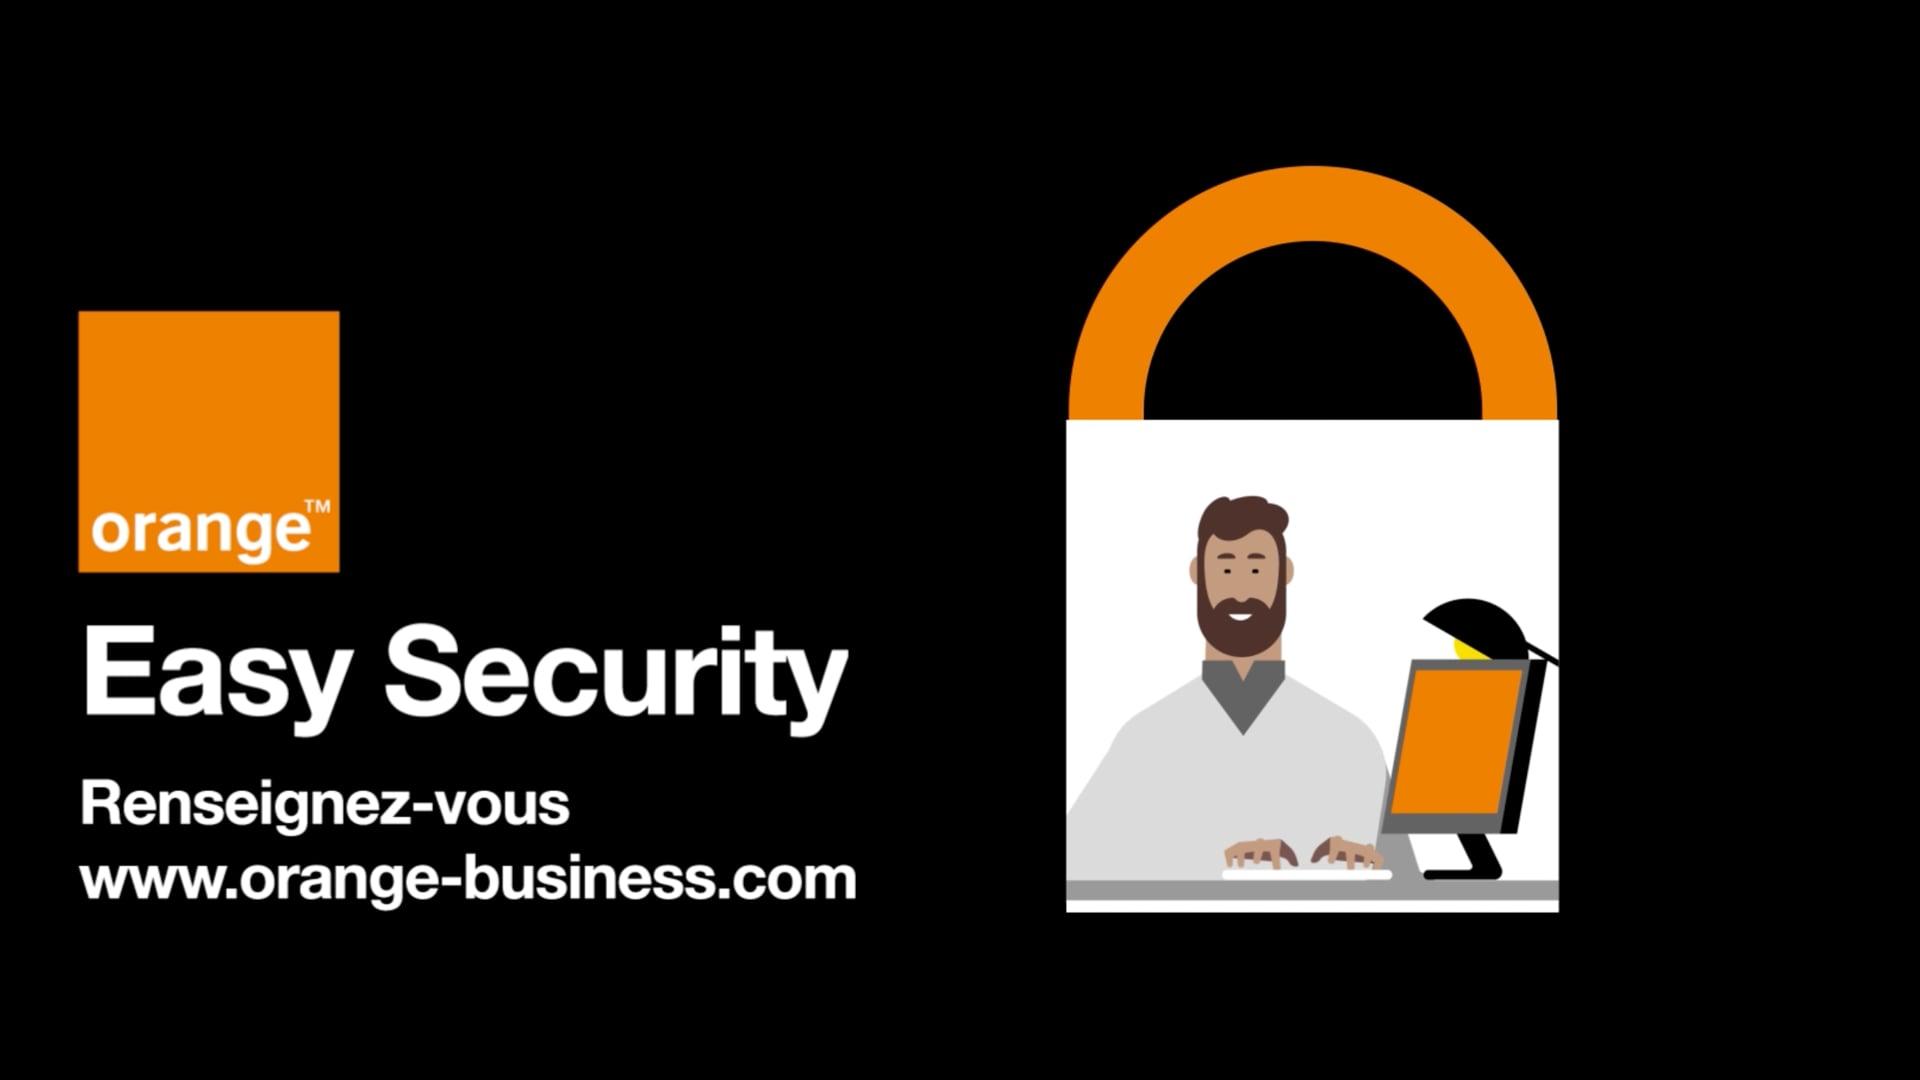 Orange - Easy Security